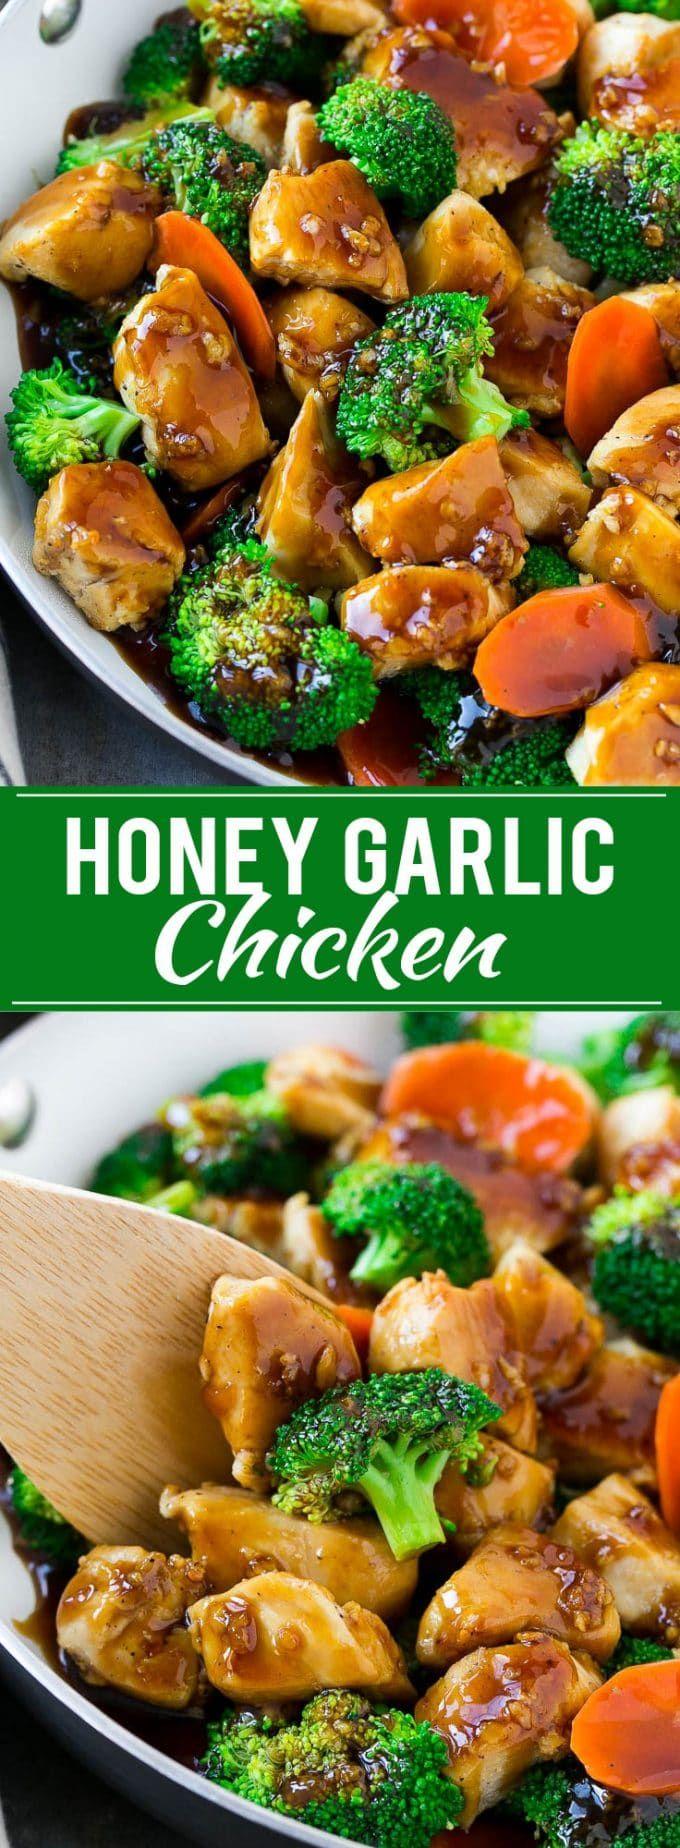 Honey Garlic Chicken Stir Fry Chicken And Broccoli Healthy Chicken Recipe Stir Fry Recipe Easy Healthy Dinner Options Recipes Stir Fry Recipes Chicken